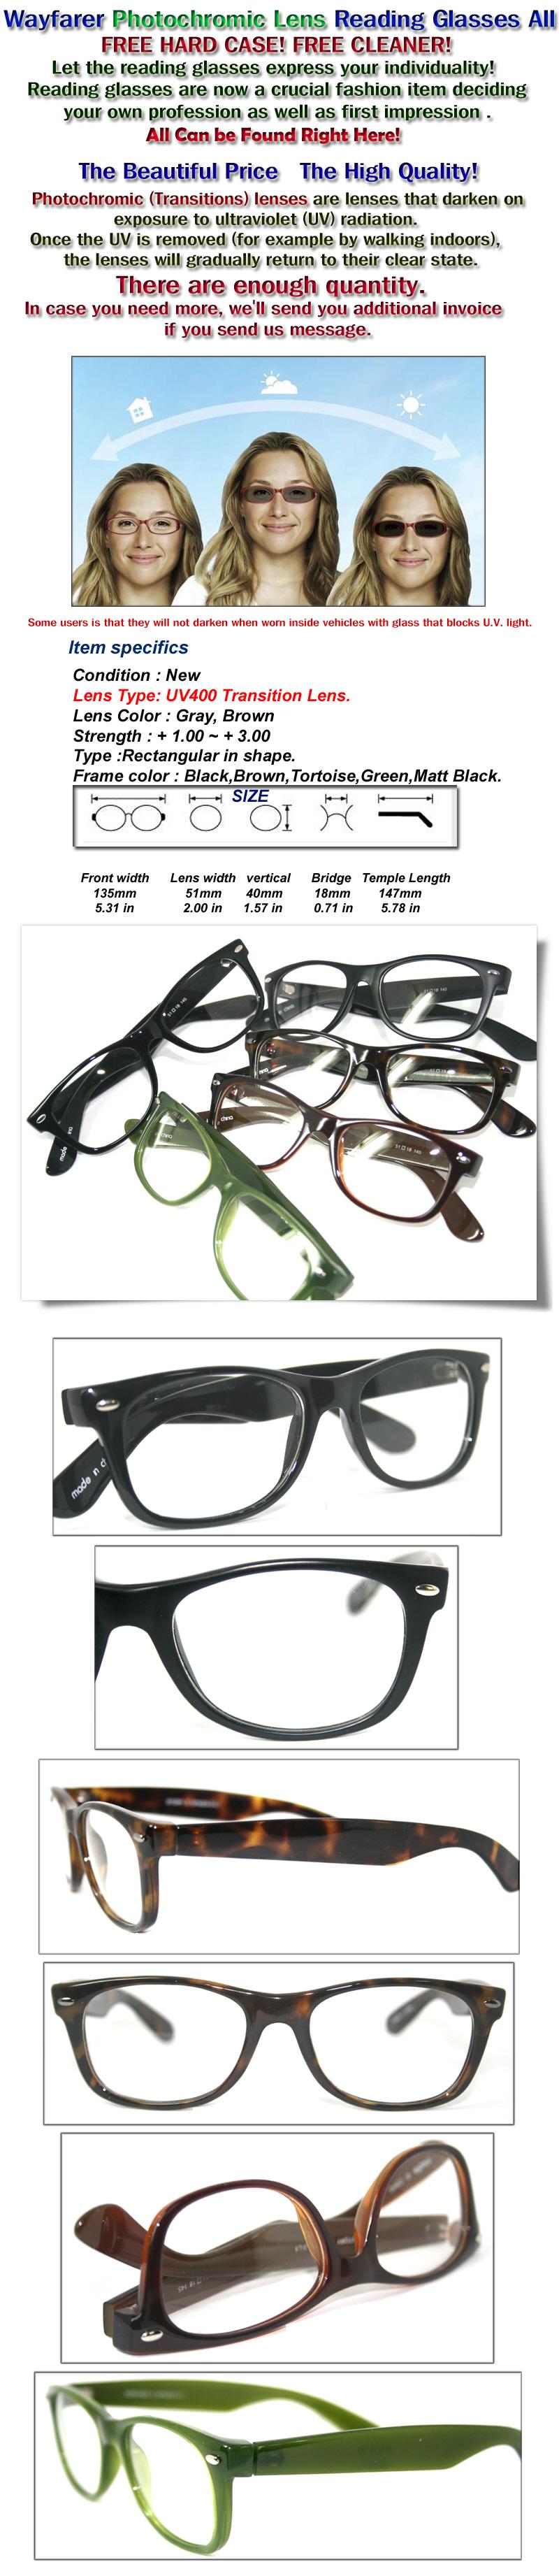 COOL NERD GEEK WAYFARER Photochromic Transition Lens Reading Glasses - Make your own invoice free eyeglasses online store